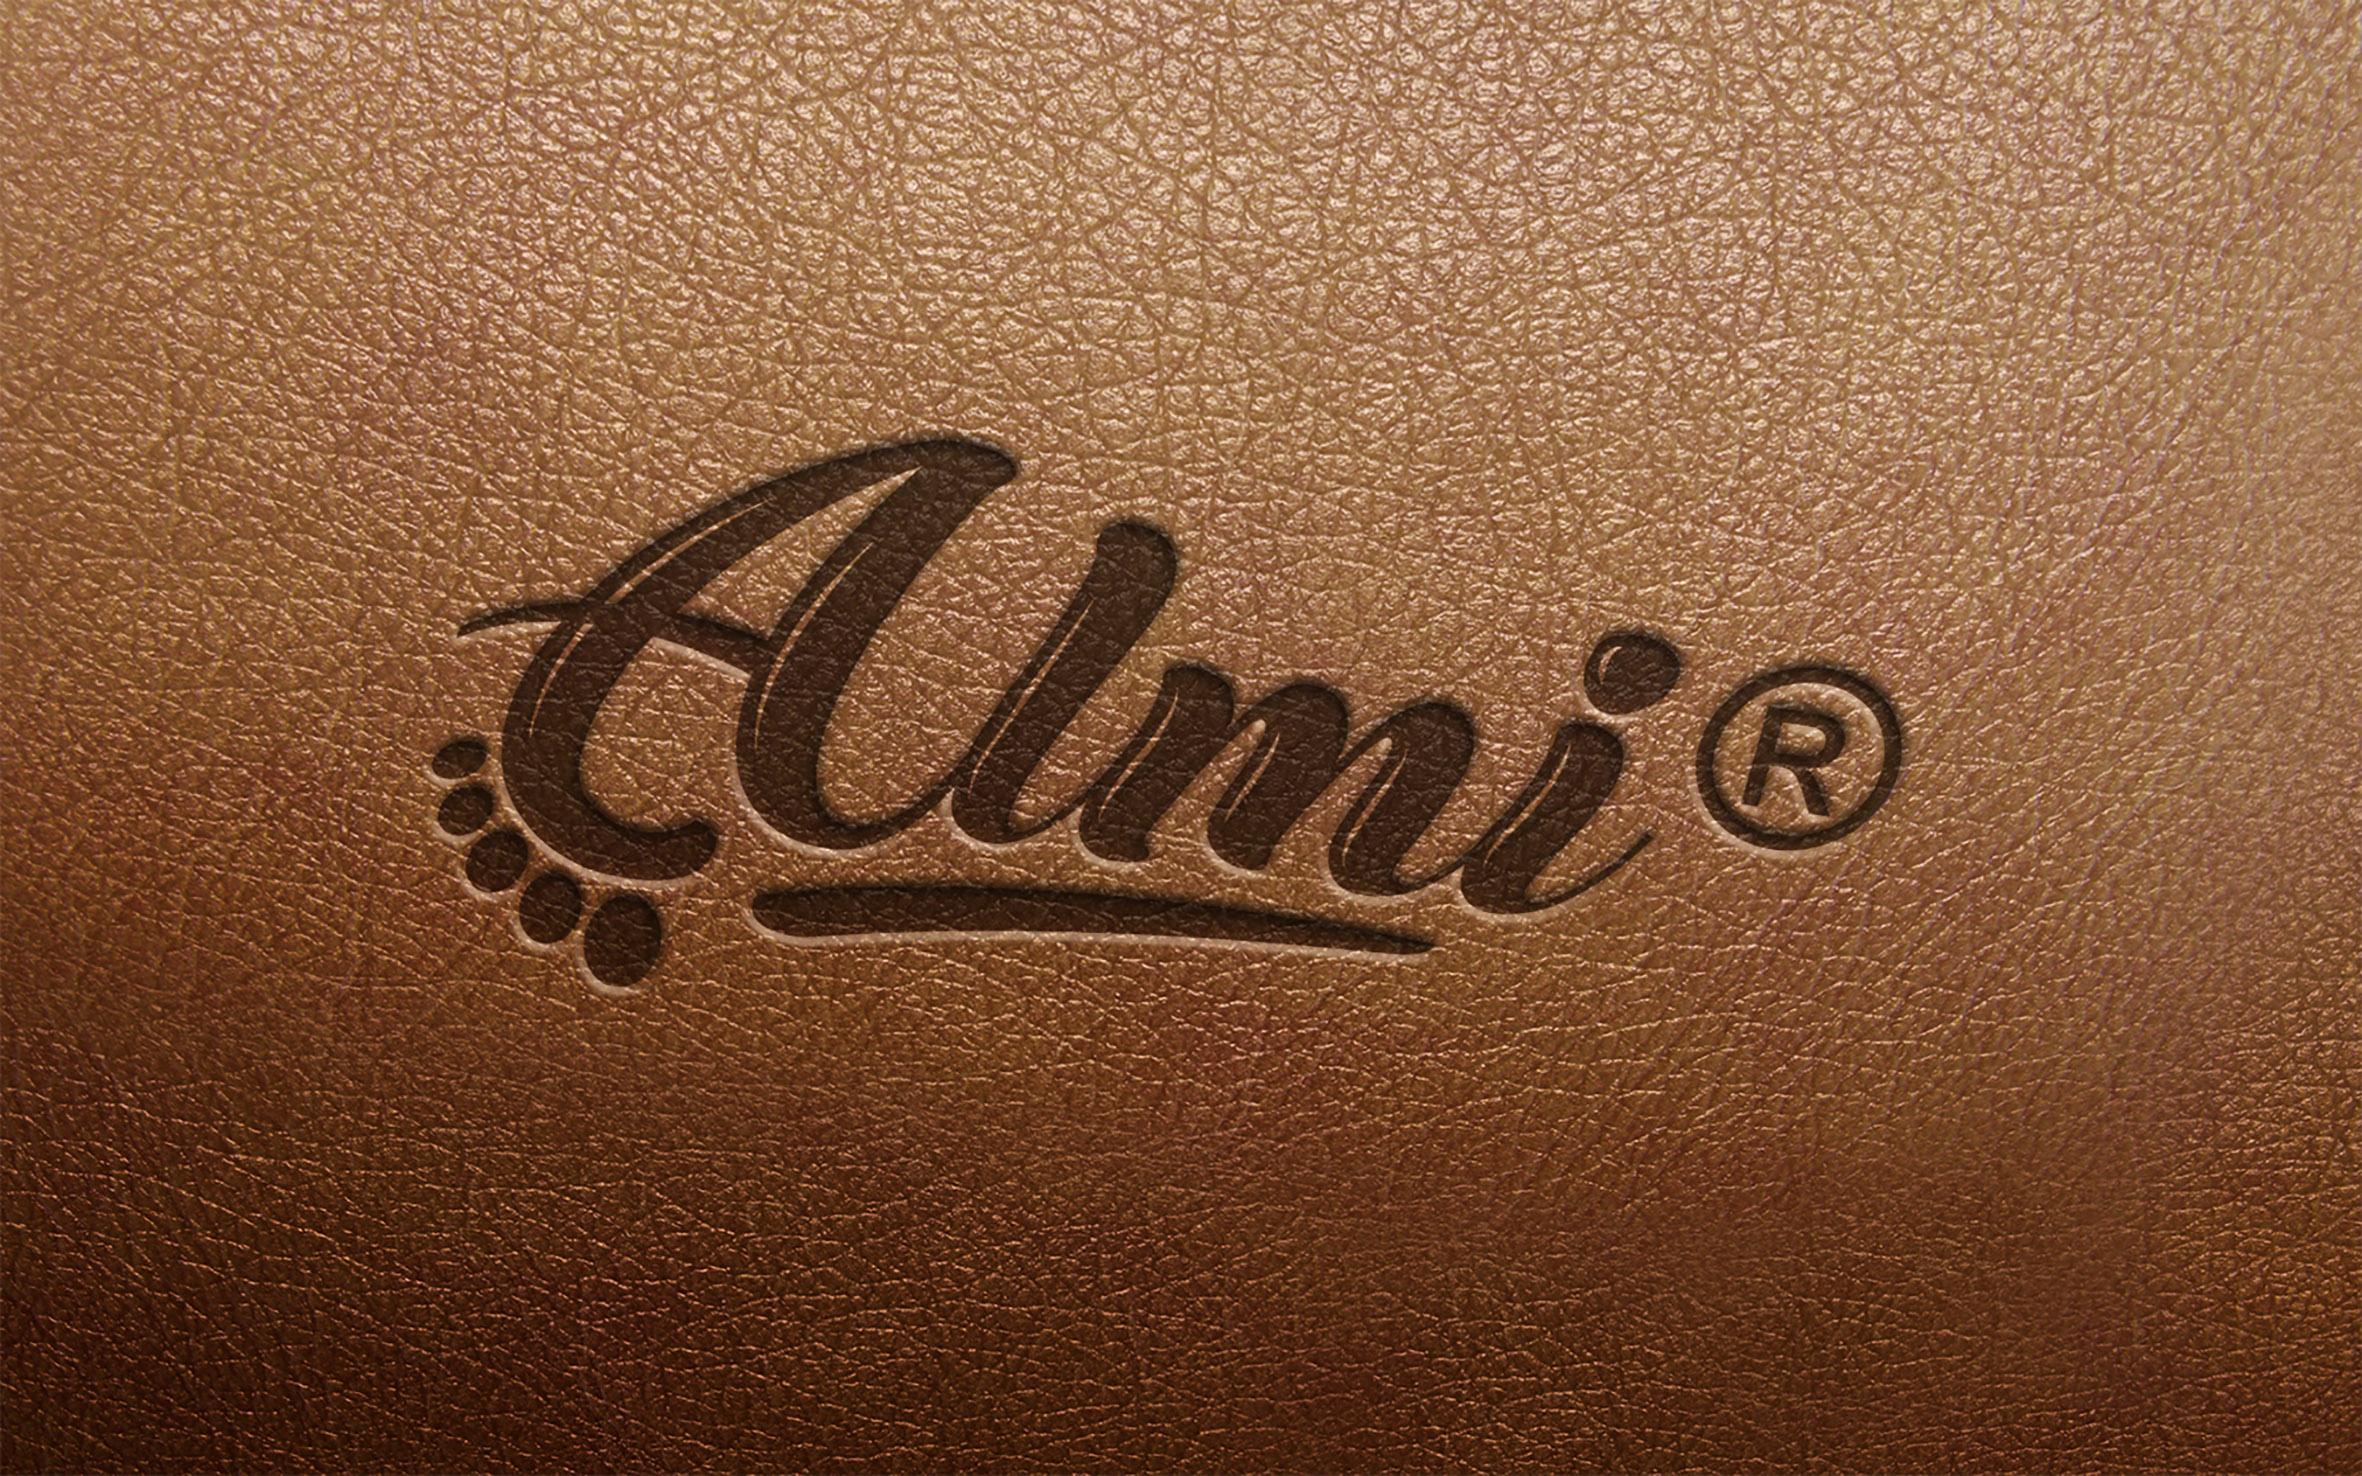 Дизайн логотипа обувной марки Алми фото f_13459f2e3efb04a8.jpg